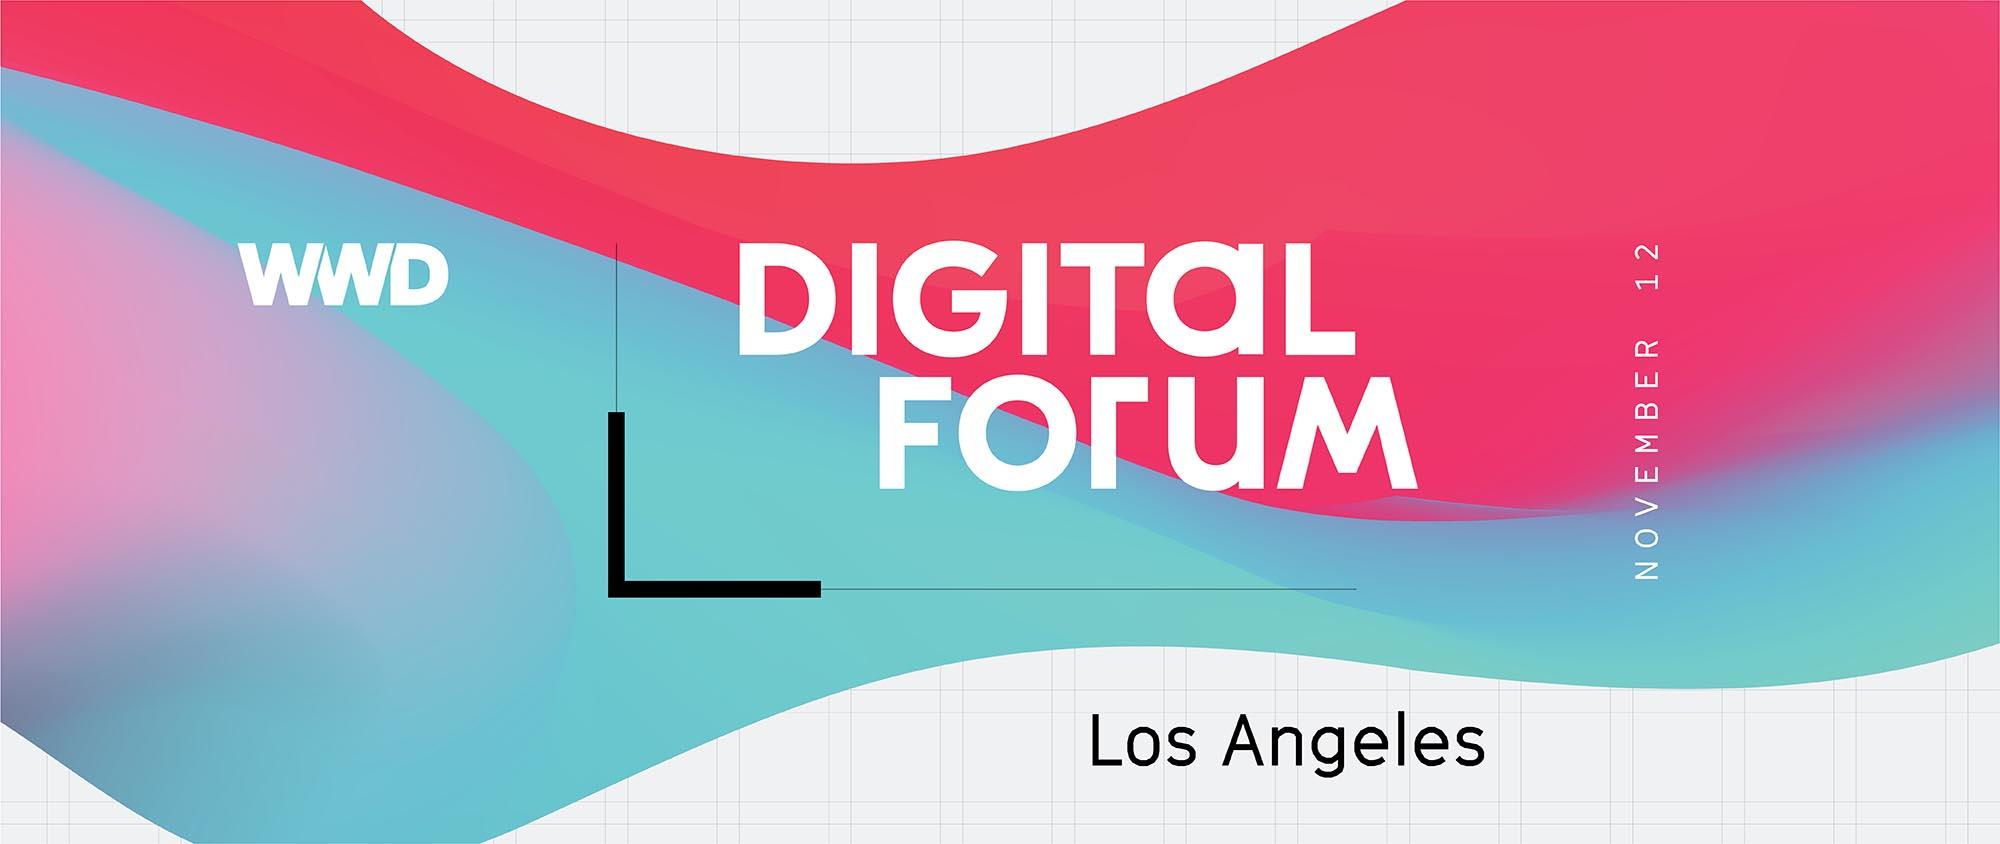 WWD Digital Forum LA